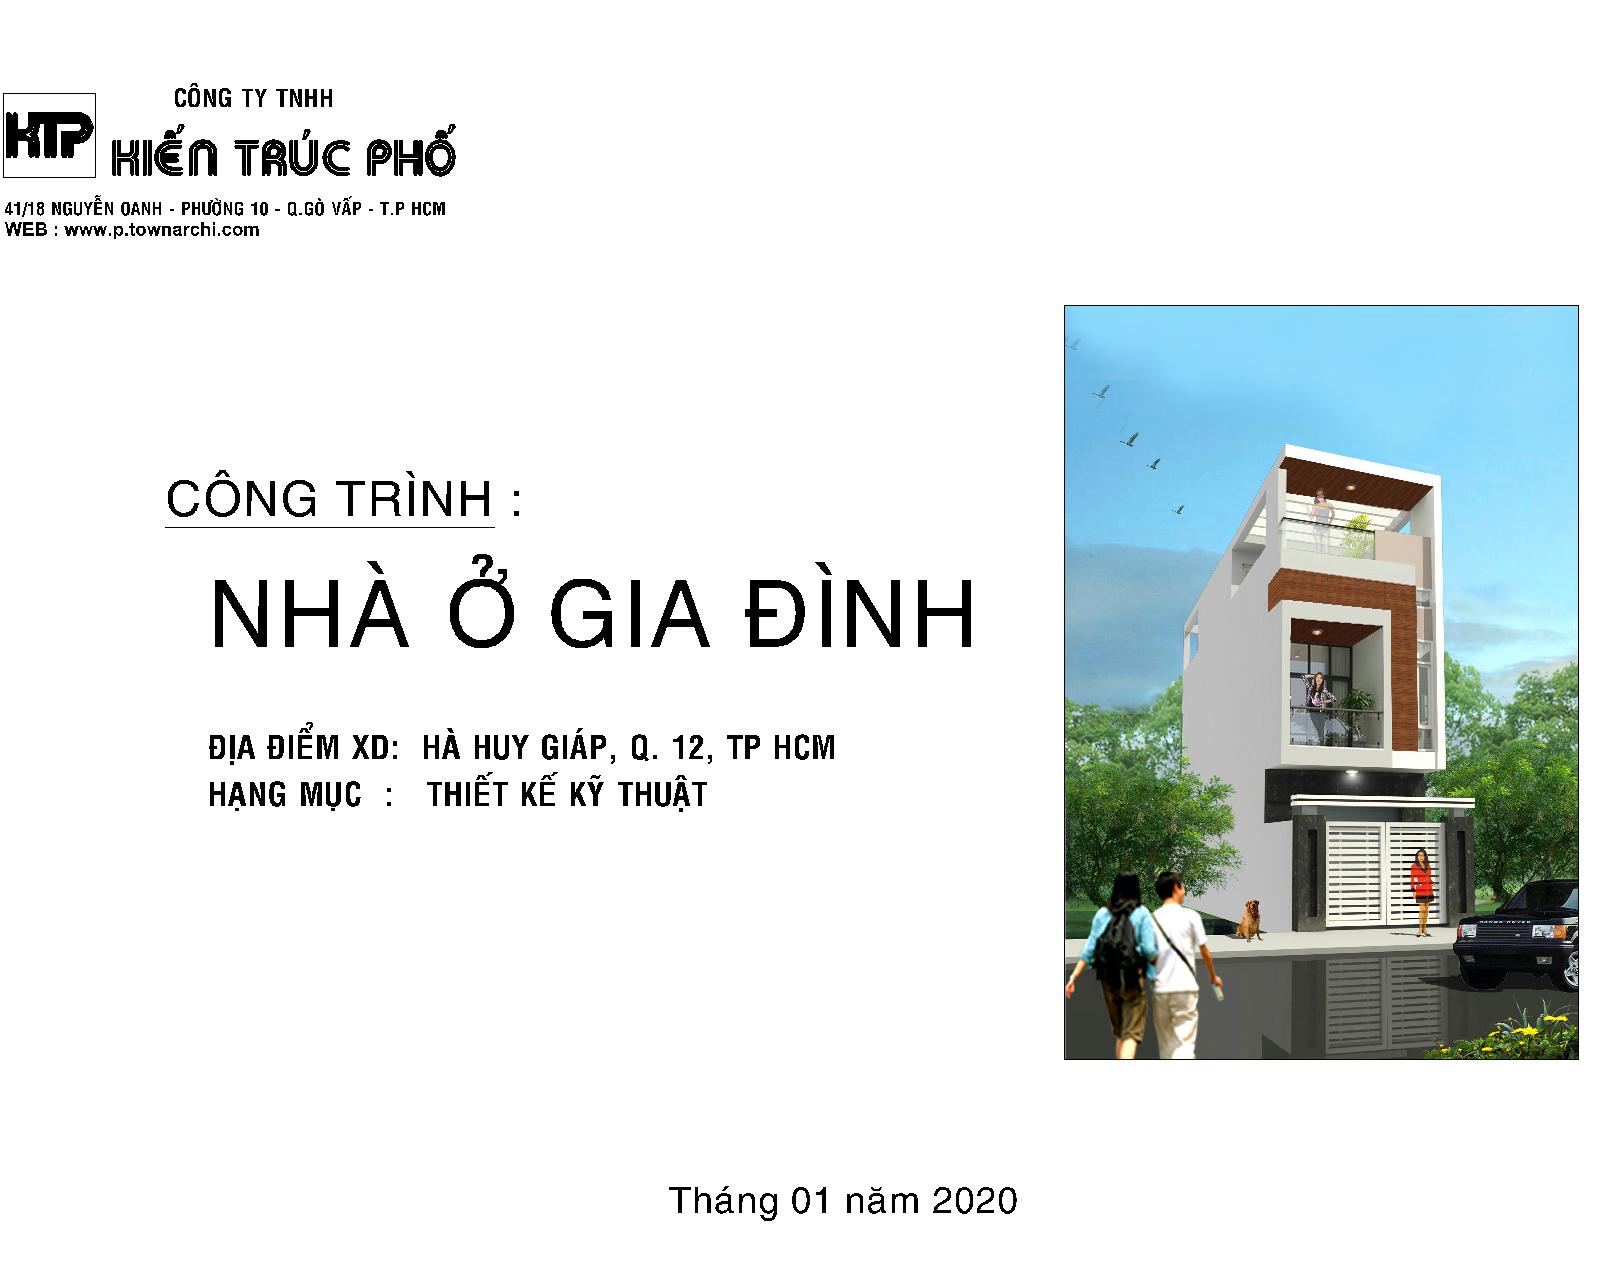 Bìa hồ sơ thiêt kế kỹ thuật thi công nhà phố quận 12